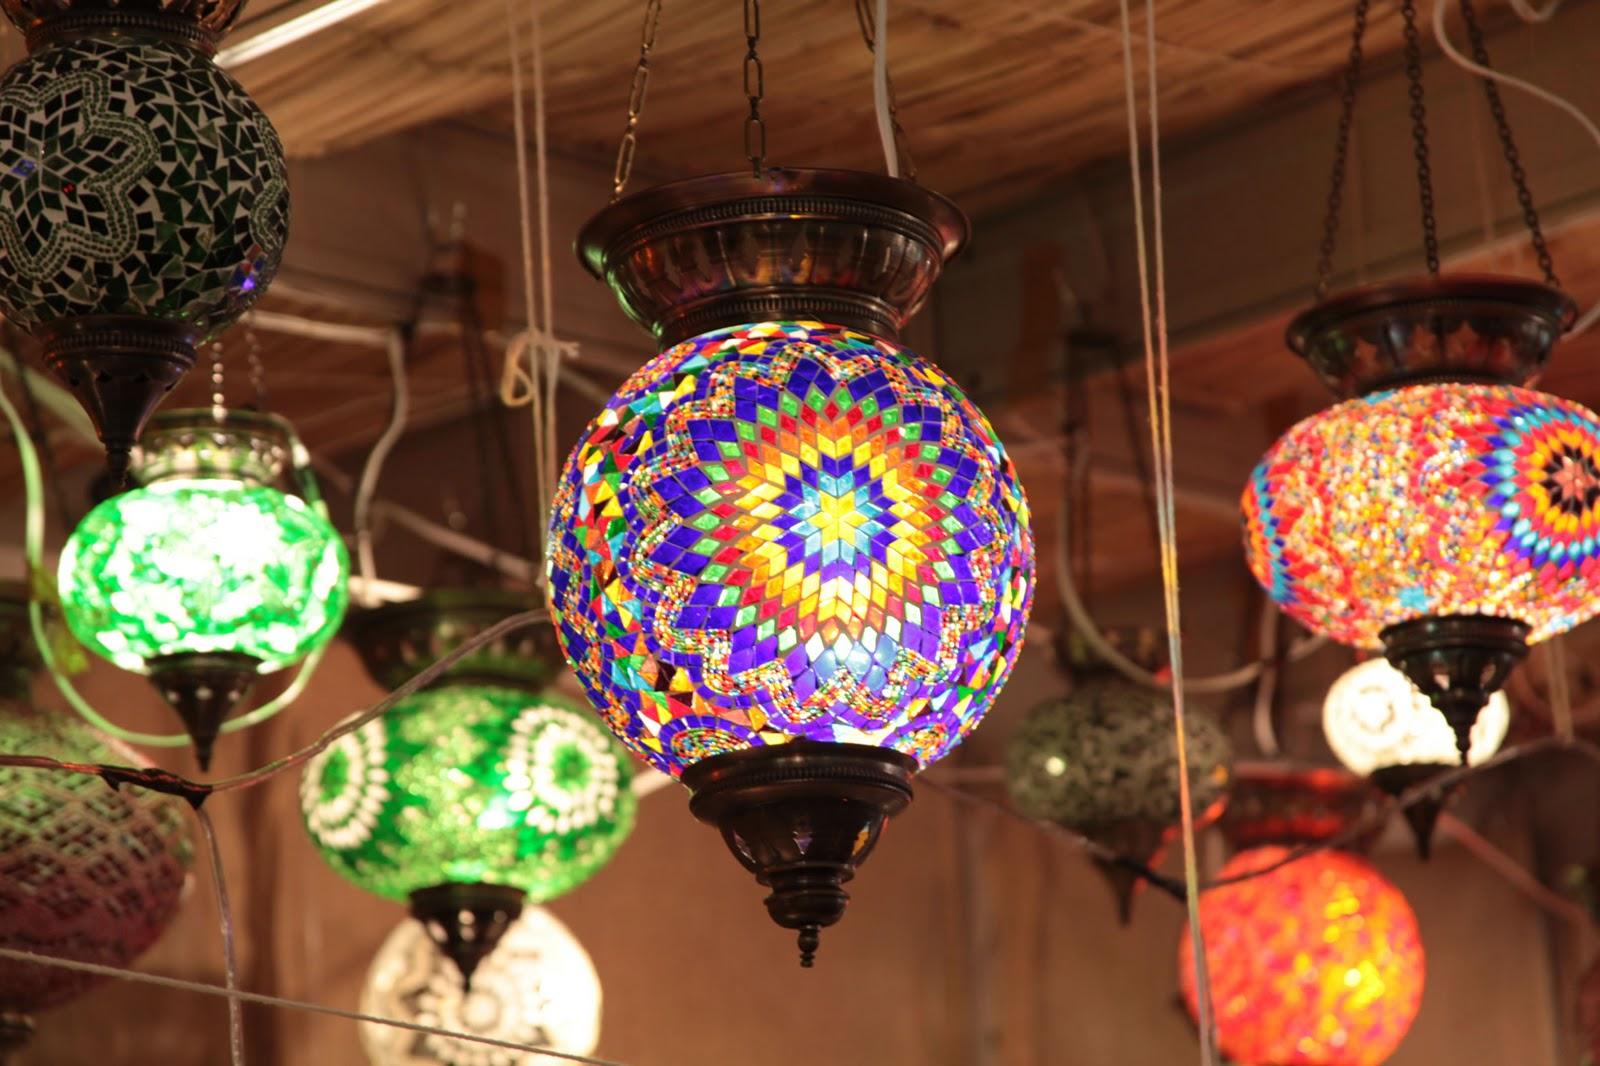 Espaço Internacional de Artesanato e Decoração_Luminárias turcas.jpg